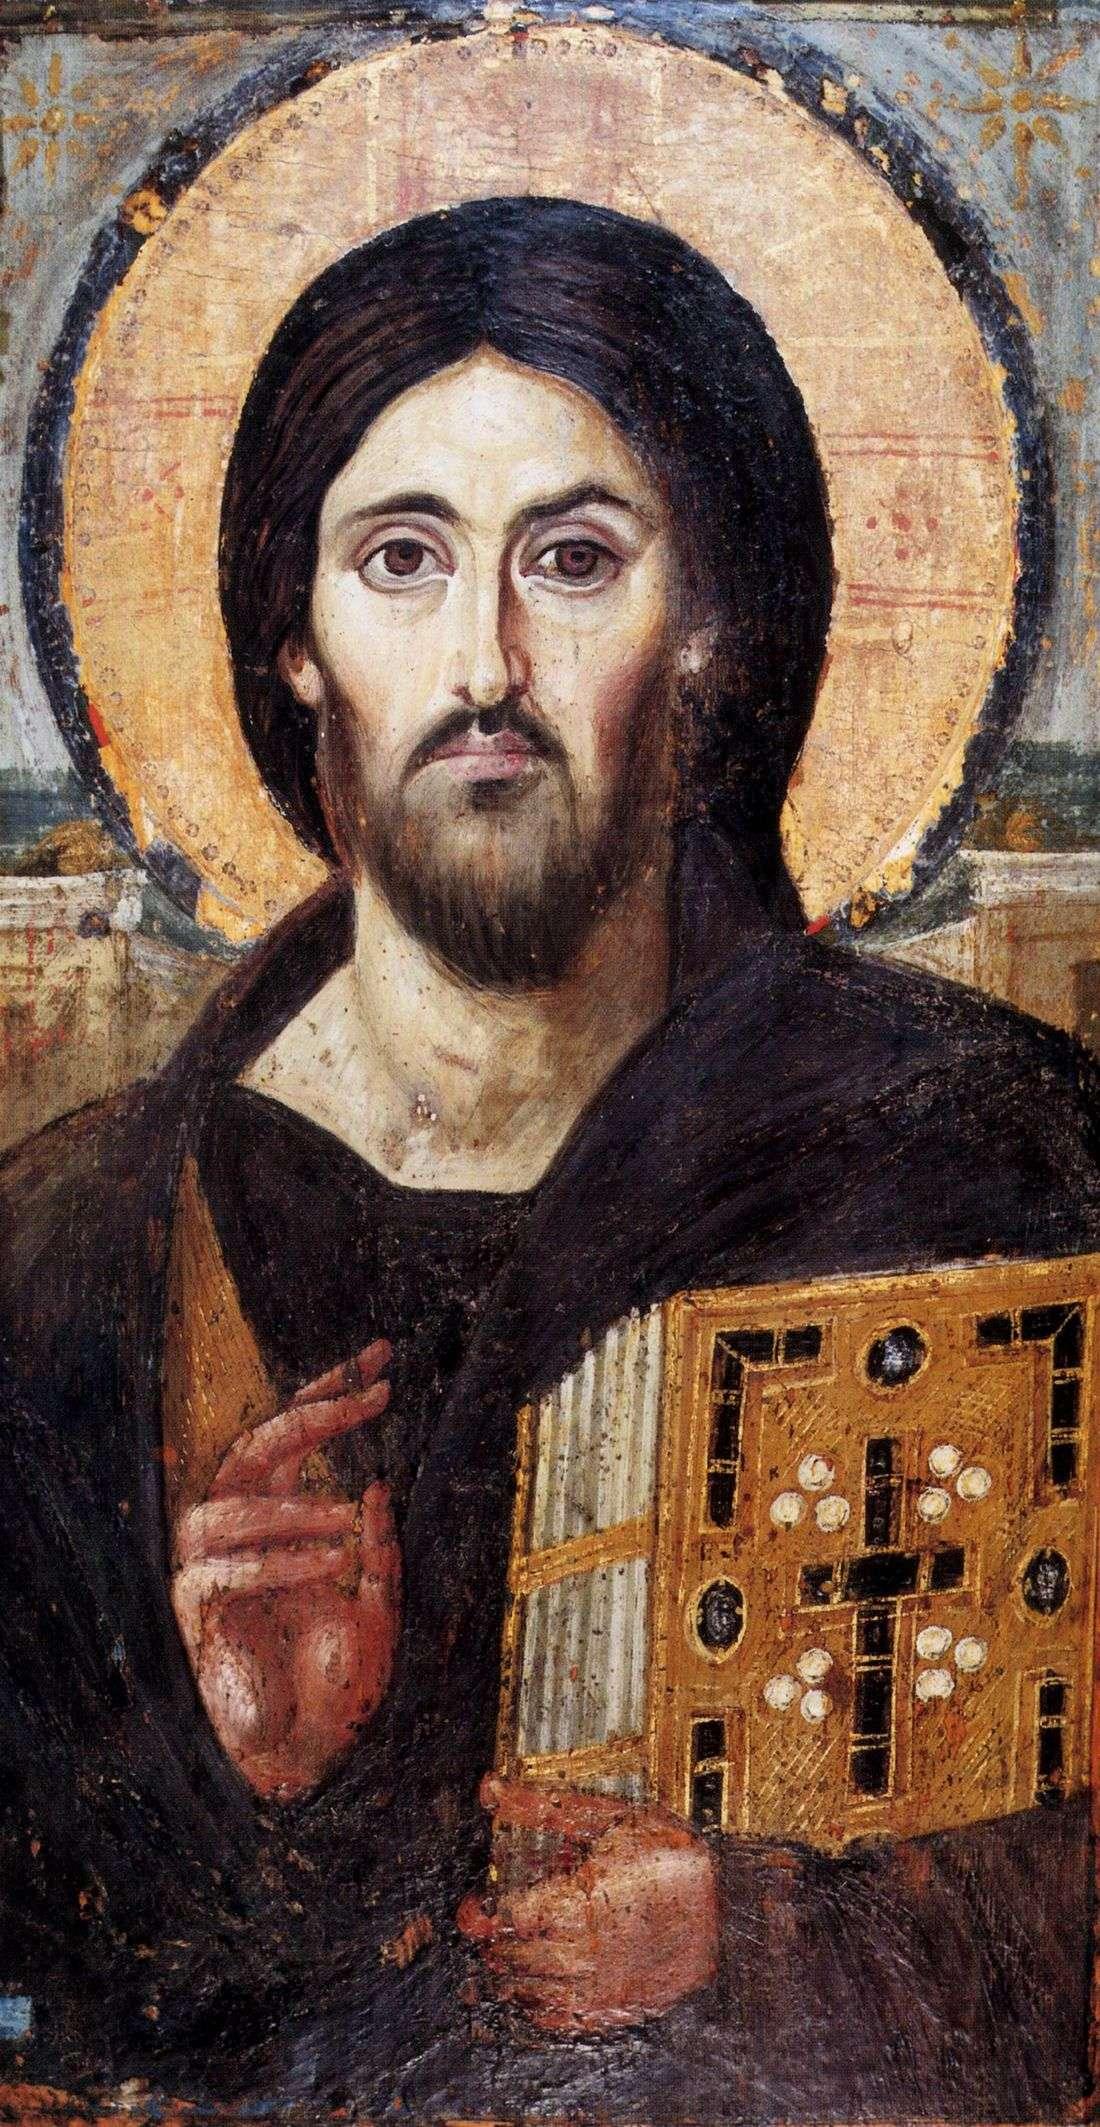 Христос Пантократор (одна из древнейших икон Христа, VI век, монастырь Святой Екатерины)